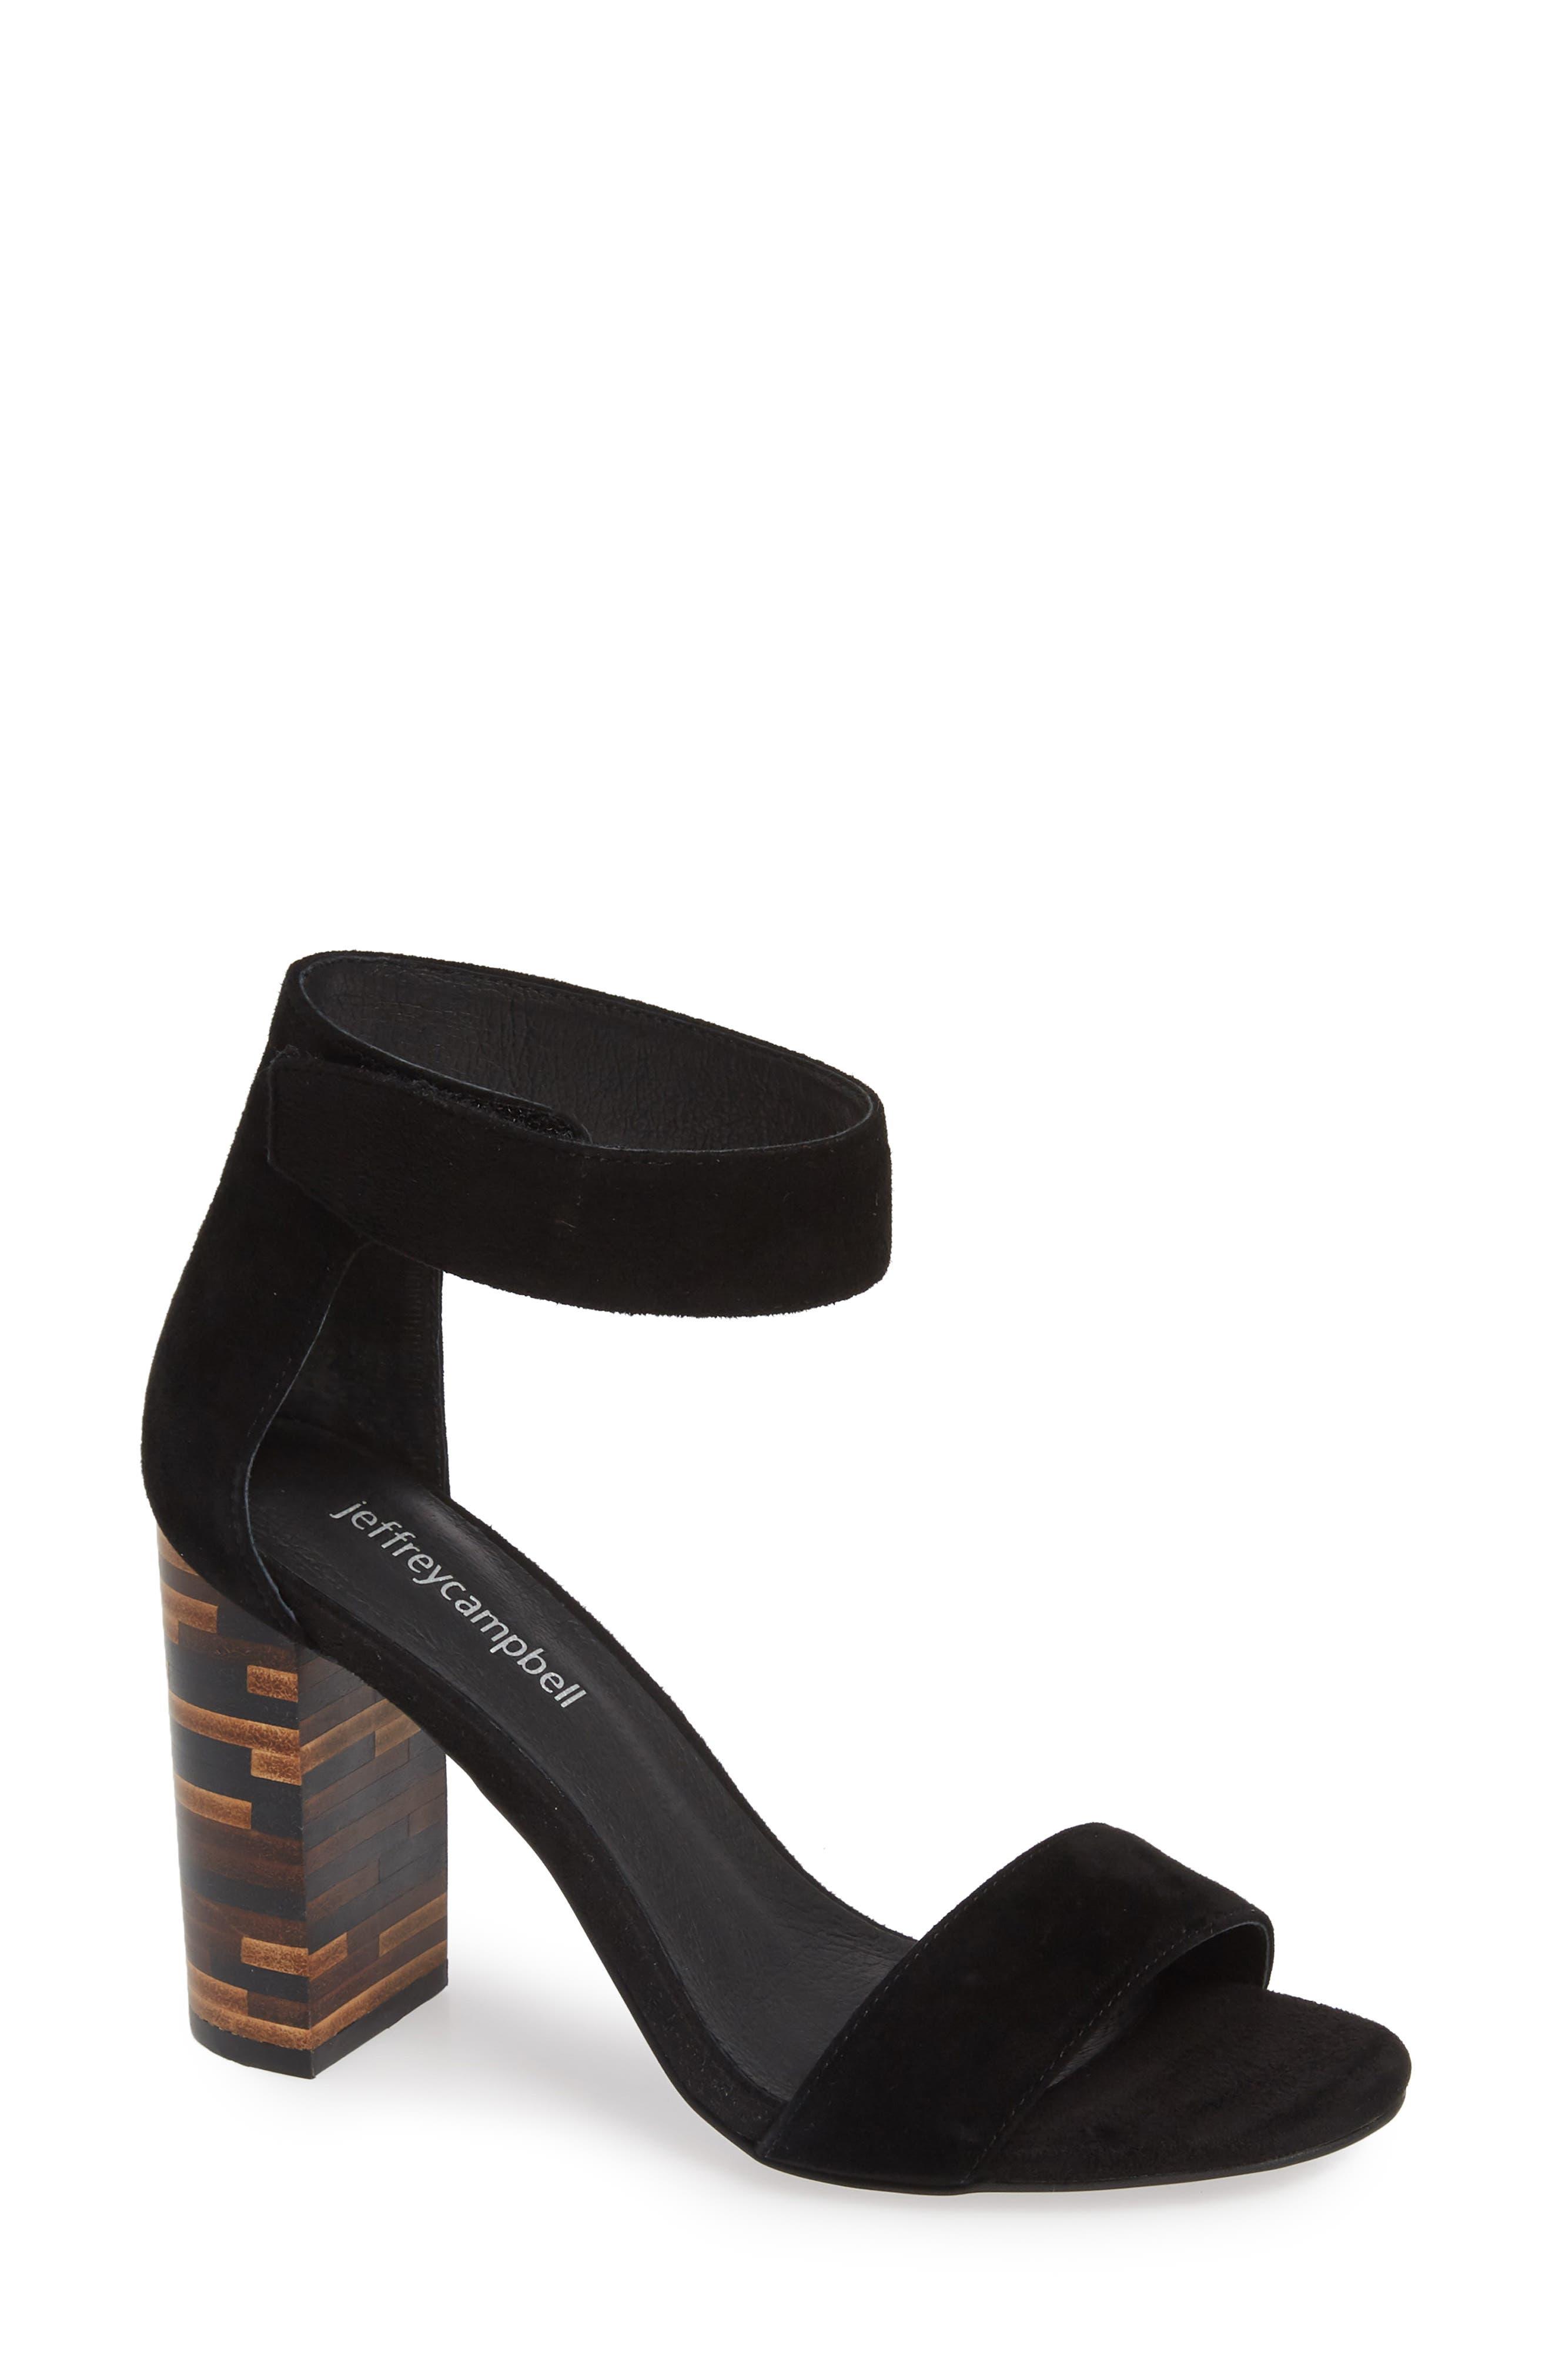 JEFFREY CAMPBELL Lindsay Statement Heel Sandal, Main, color, BLACK SUEDE